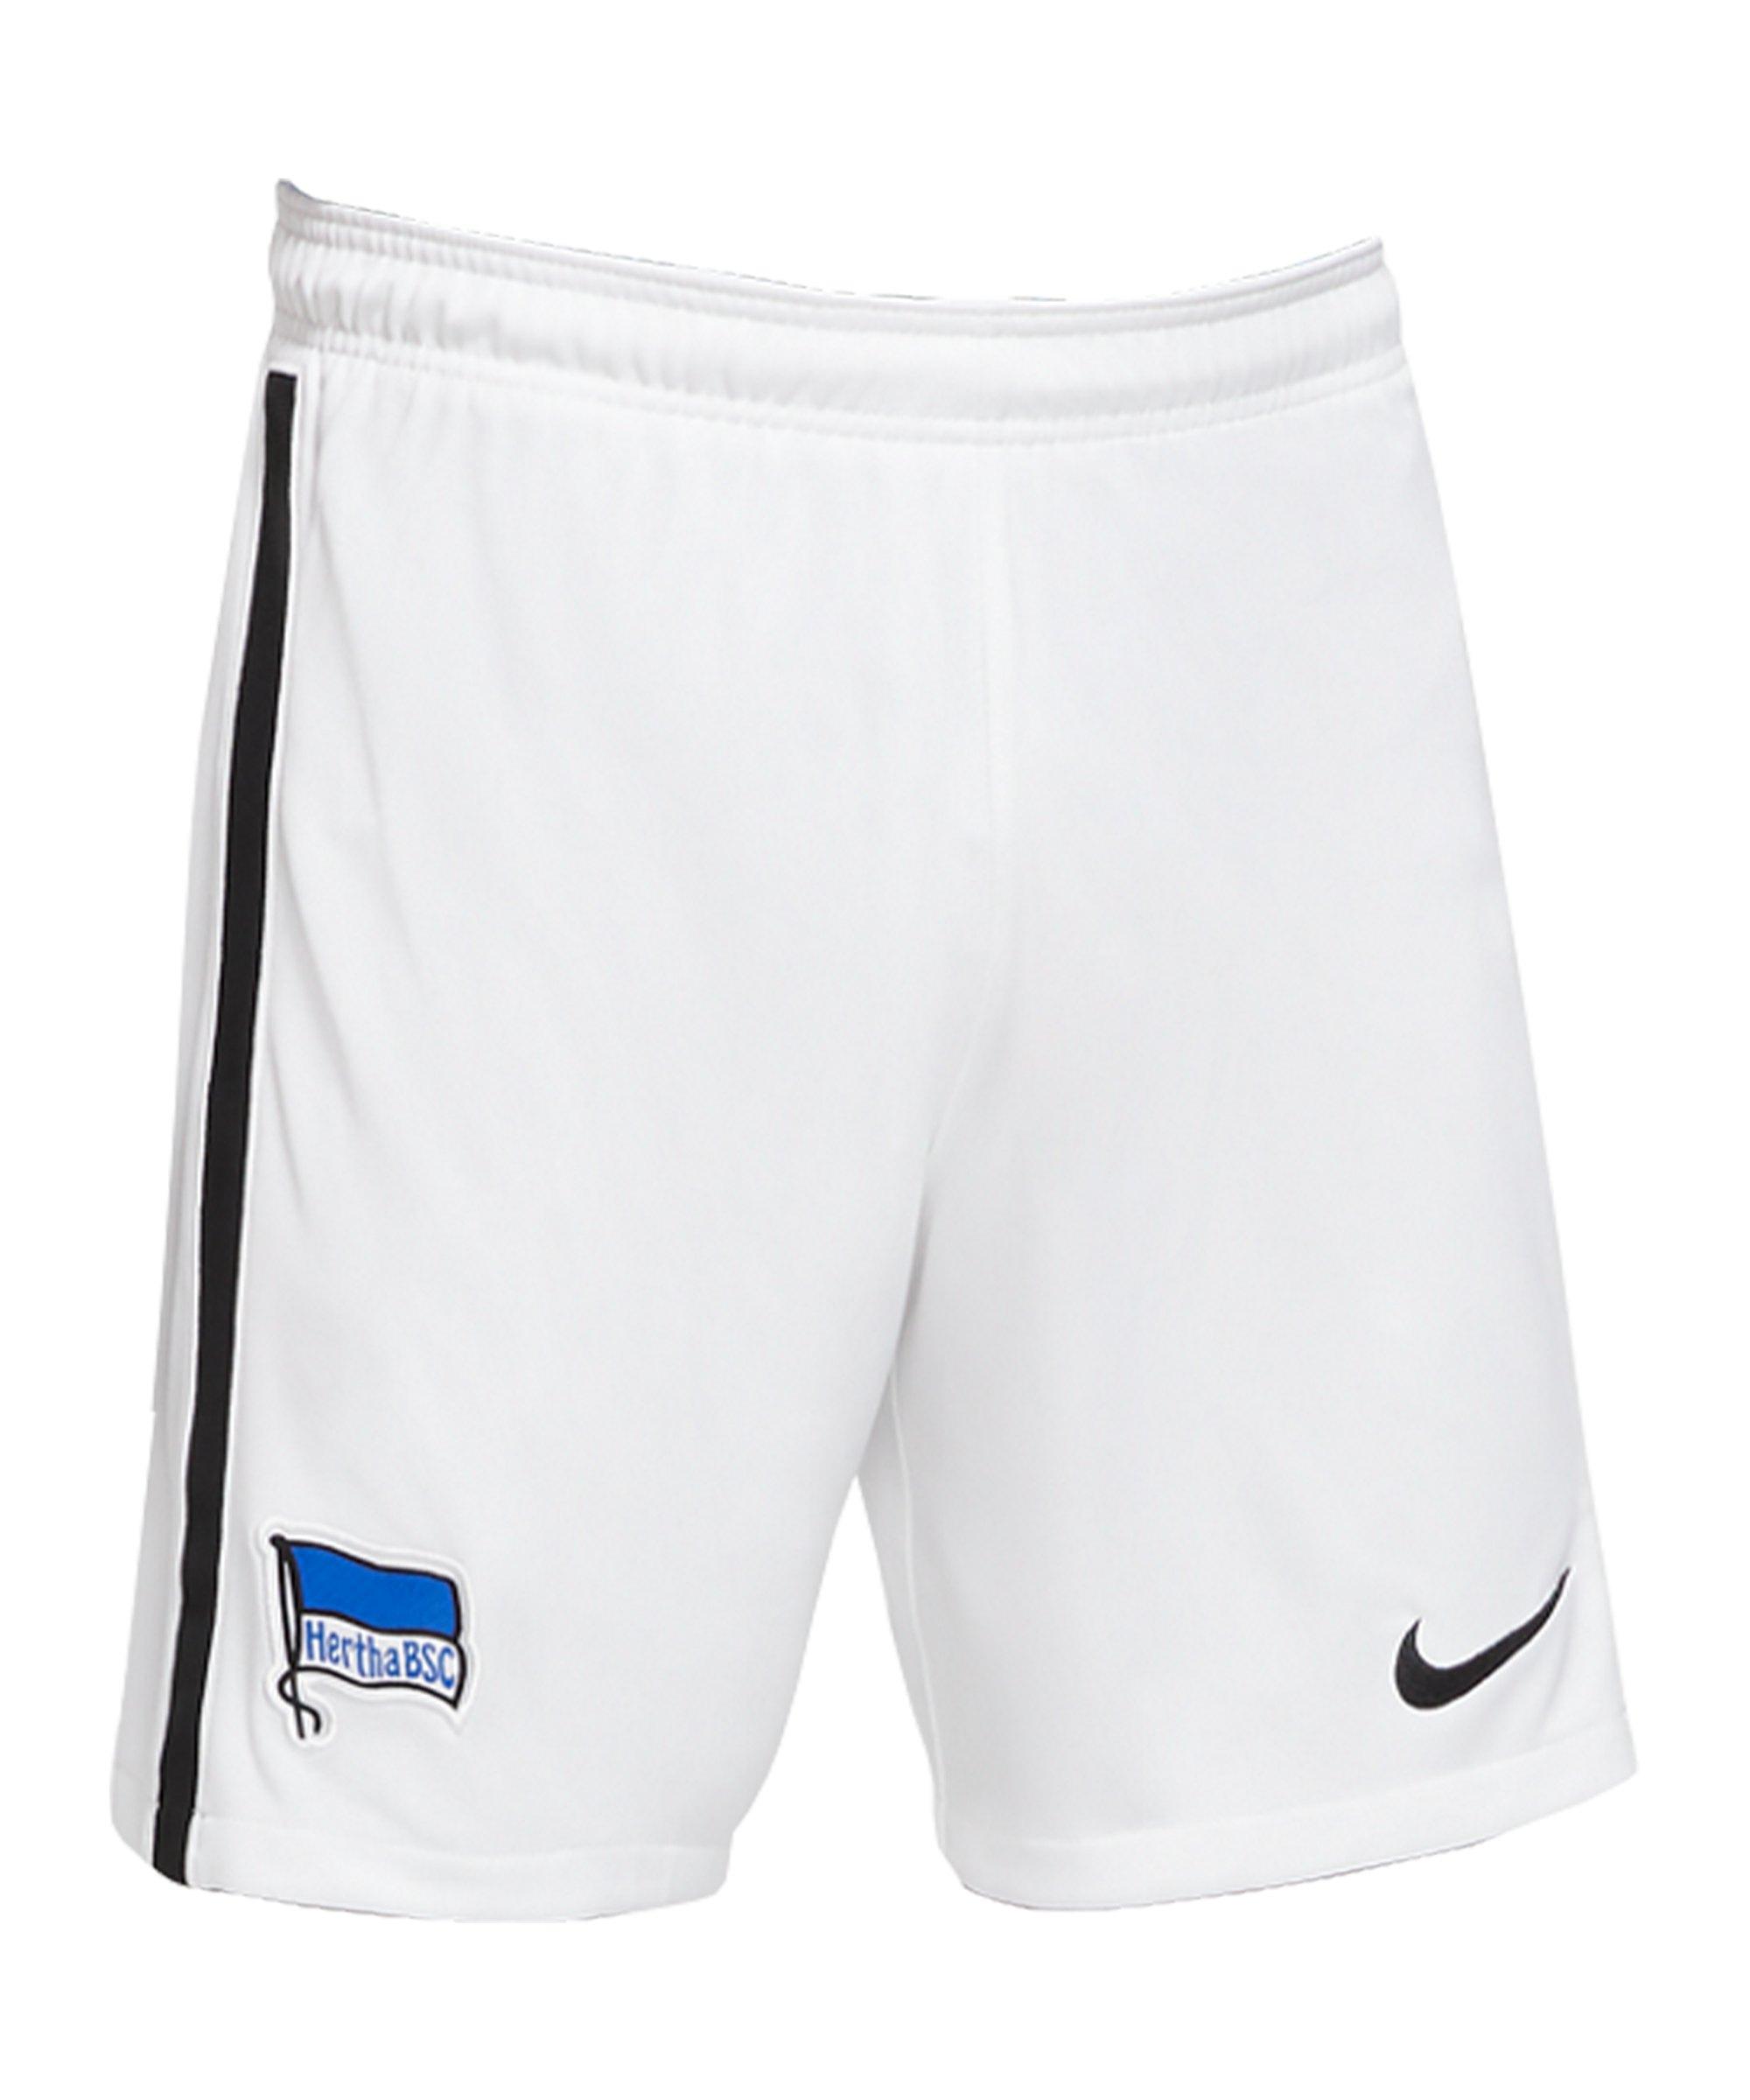 Nike Hertha BSC Berlin Short Home 2020/2021 Kids Weiss F100 - weiss